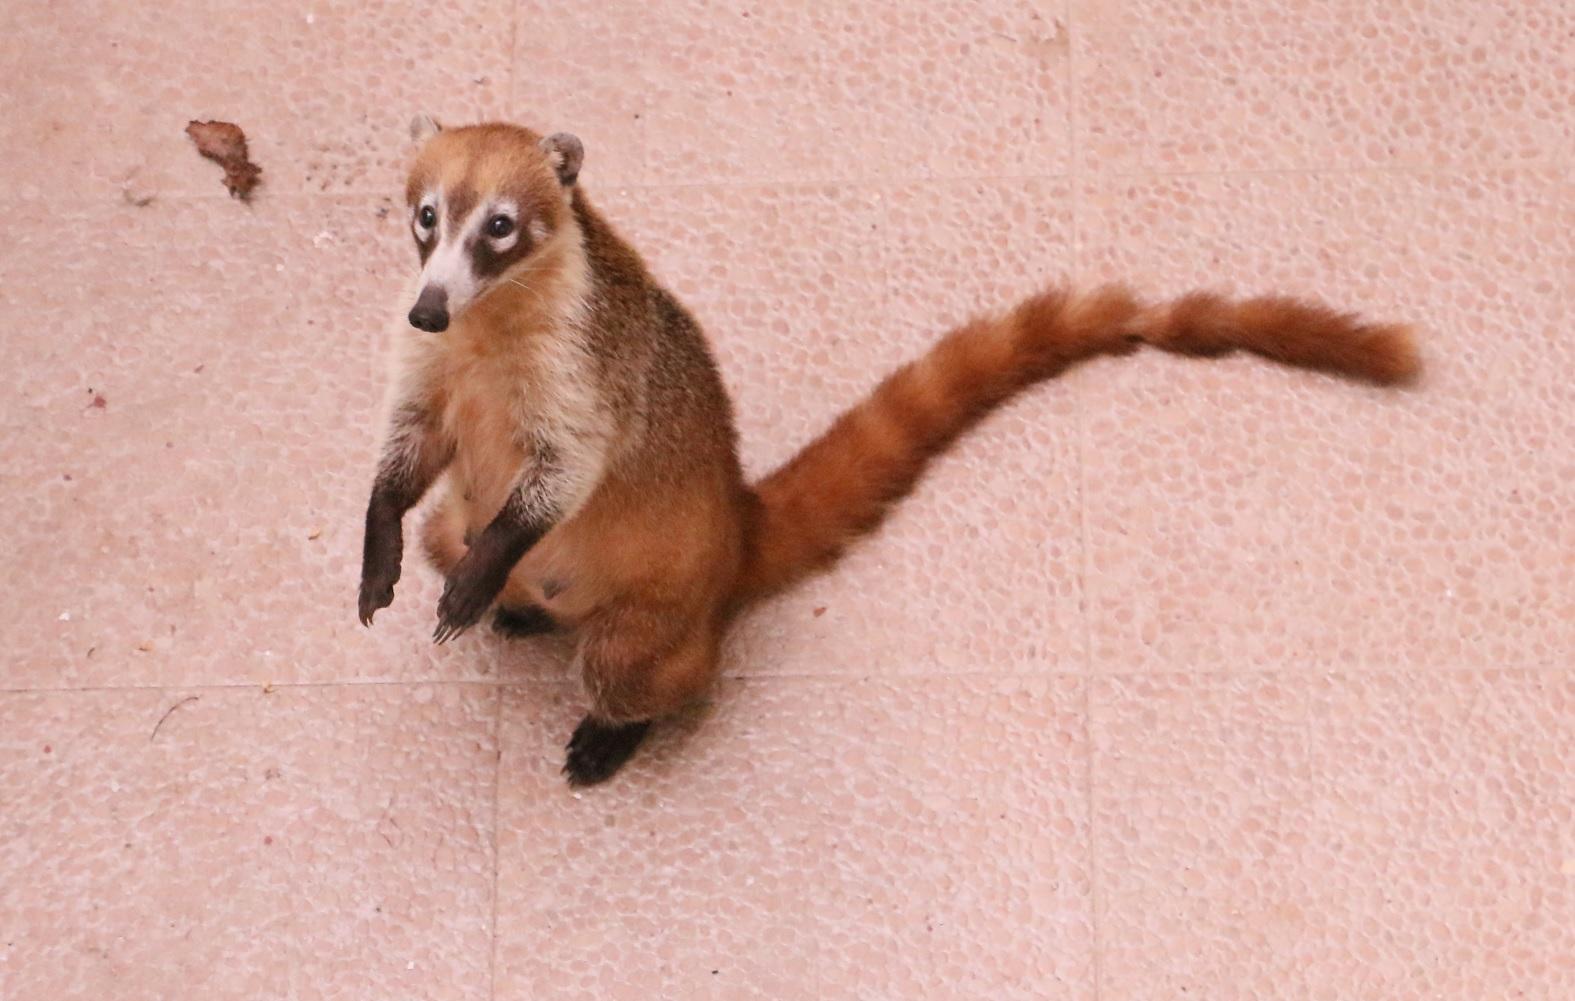 Ez egy coati. Playacar tele van agoutikkal és coatikkal, ez utóbbiak talán ormányos medve néven futnak Magyarhonban. Gyümölcskoldus. A balkonunk alatt pitizett banánért.